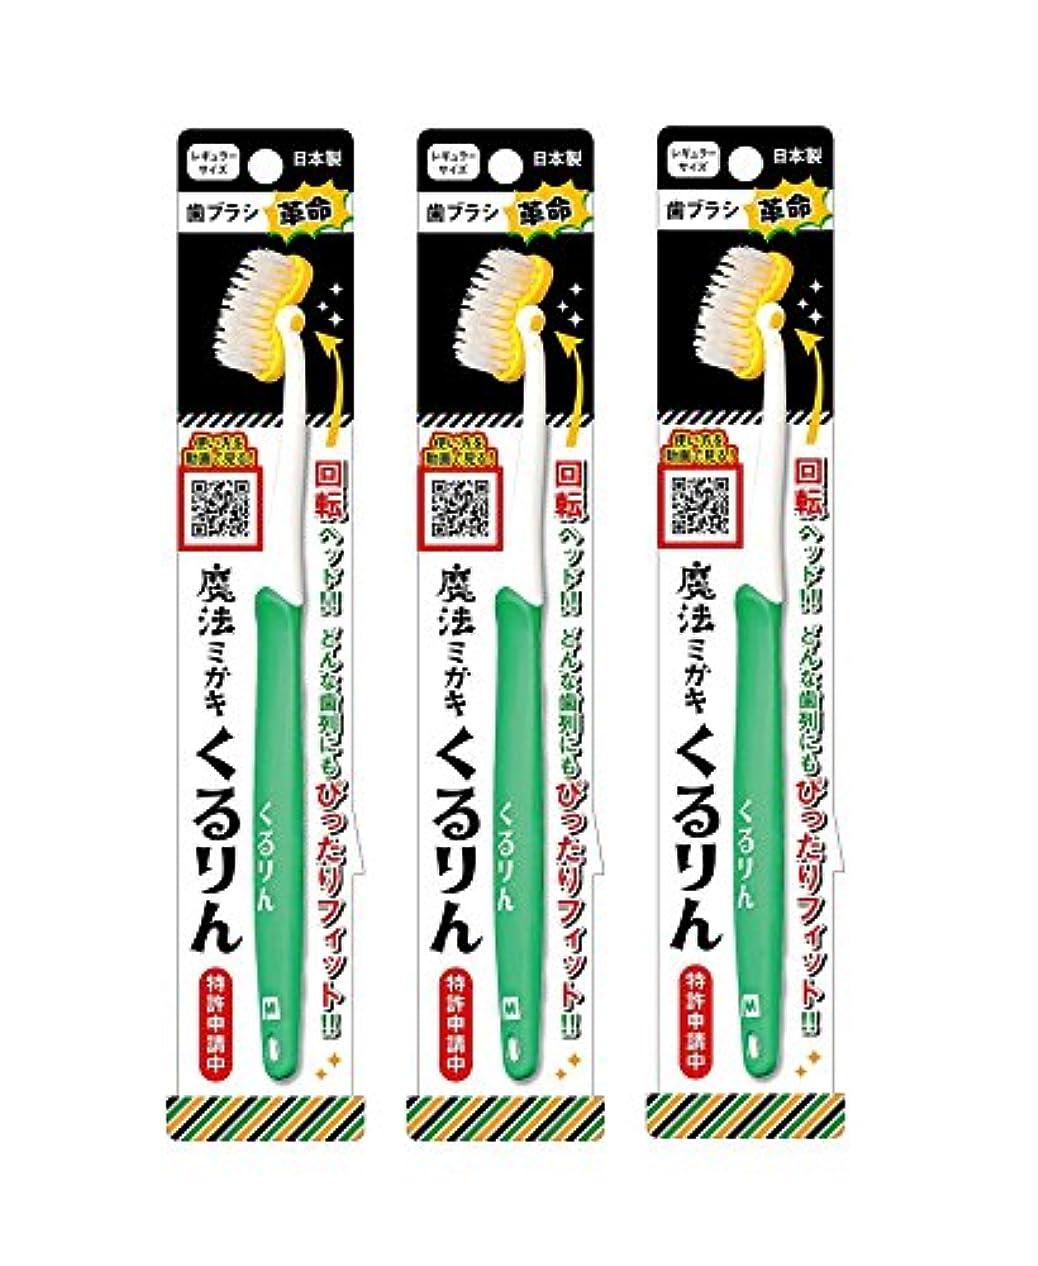 シーン適合自然公園歯ブラシ革命 魔法ミガキくるりん MM-151 グリーン 3本セット